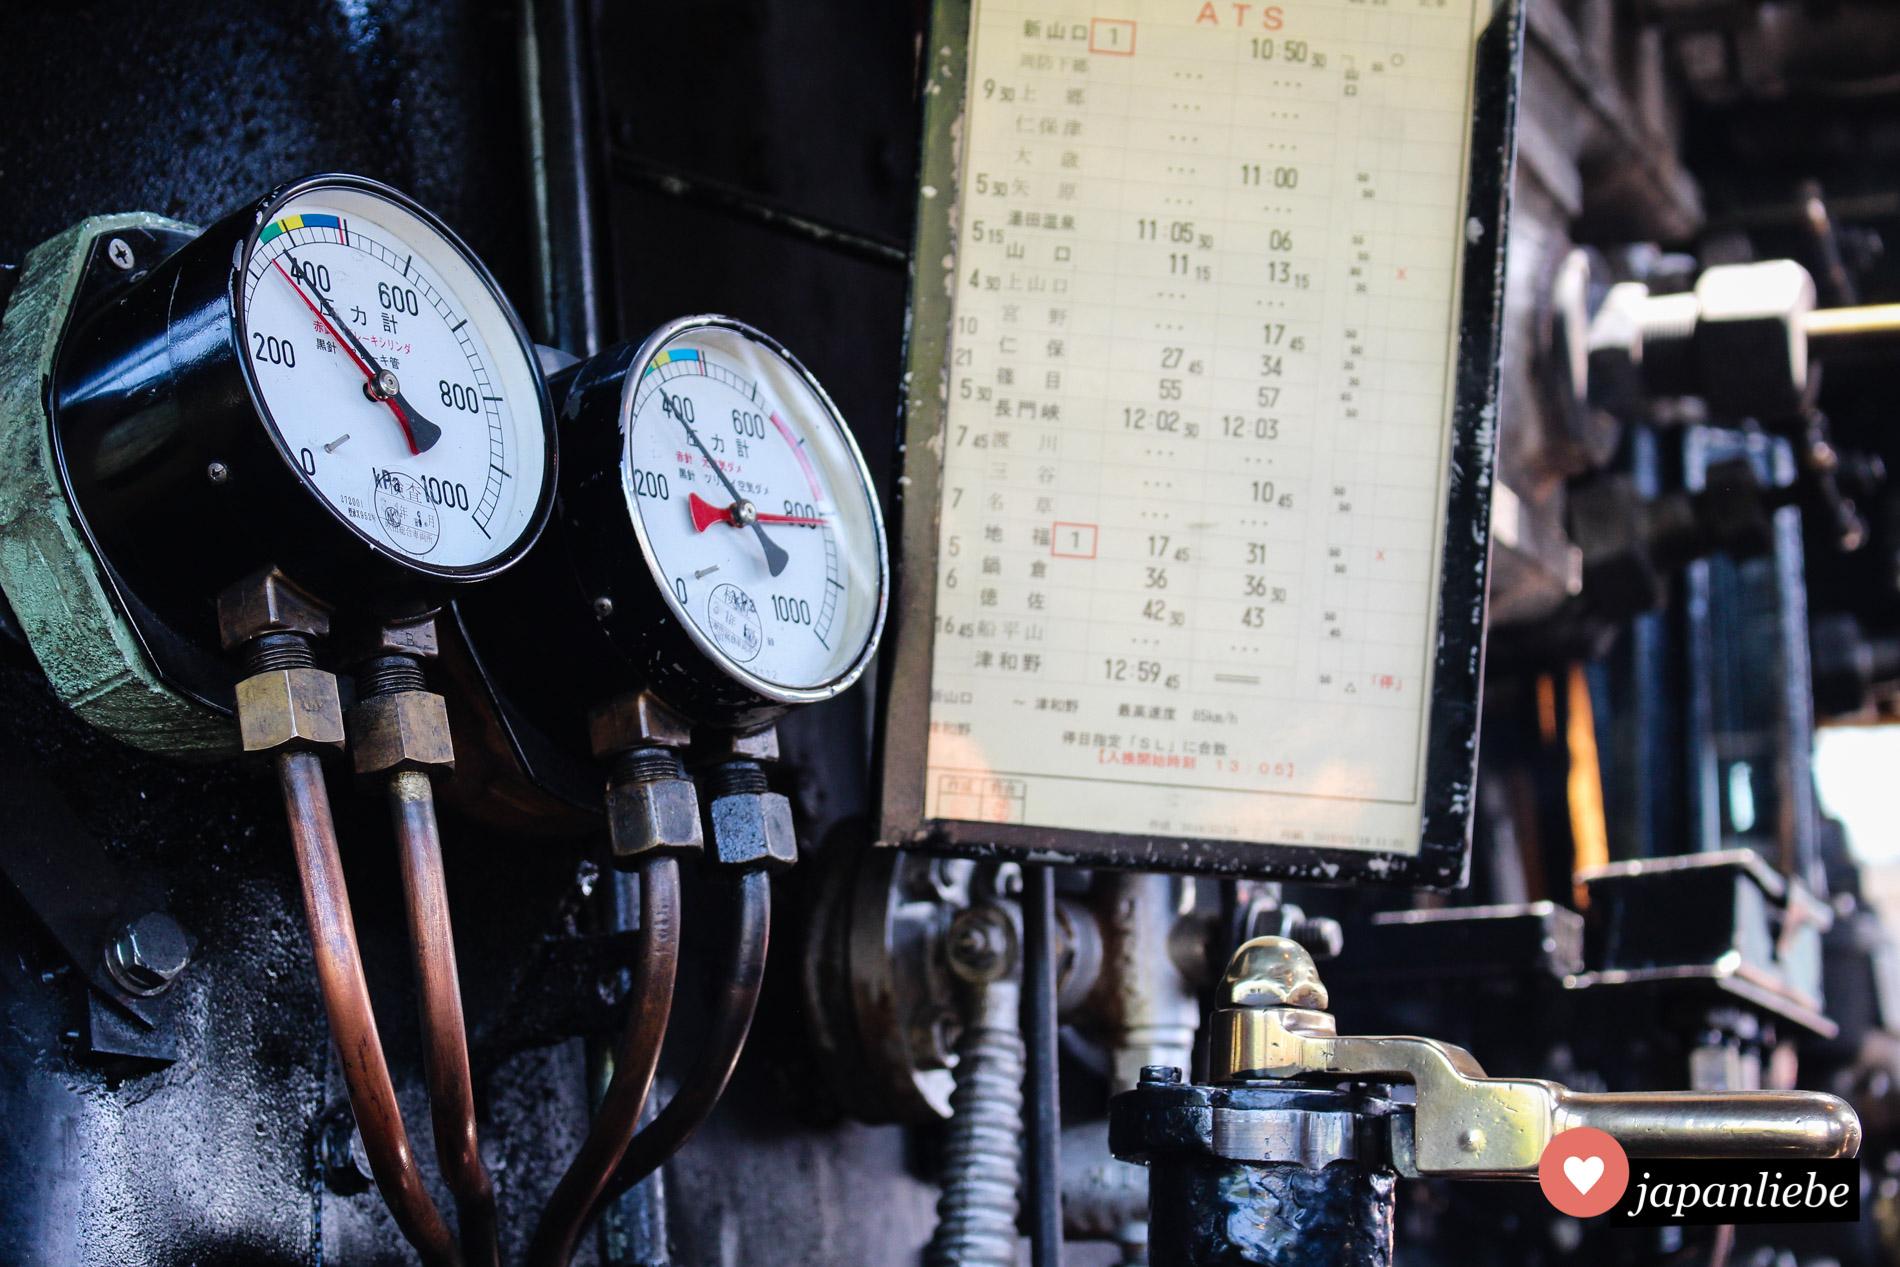 Während der Zwischenhalte bleibt viel Zeit, um die alte Dampflady genauer zu inspizieren.